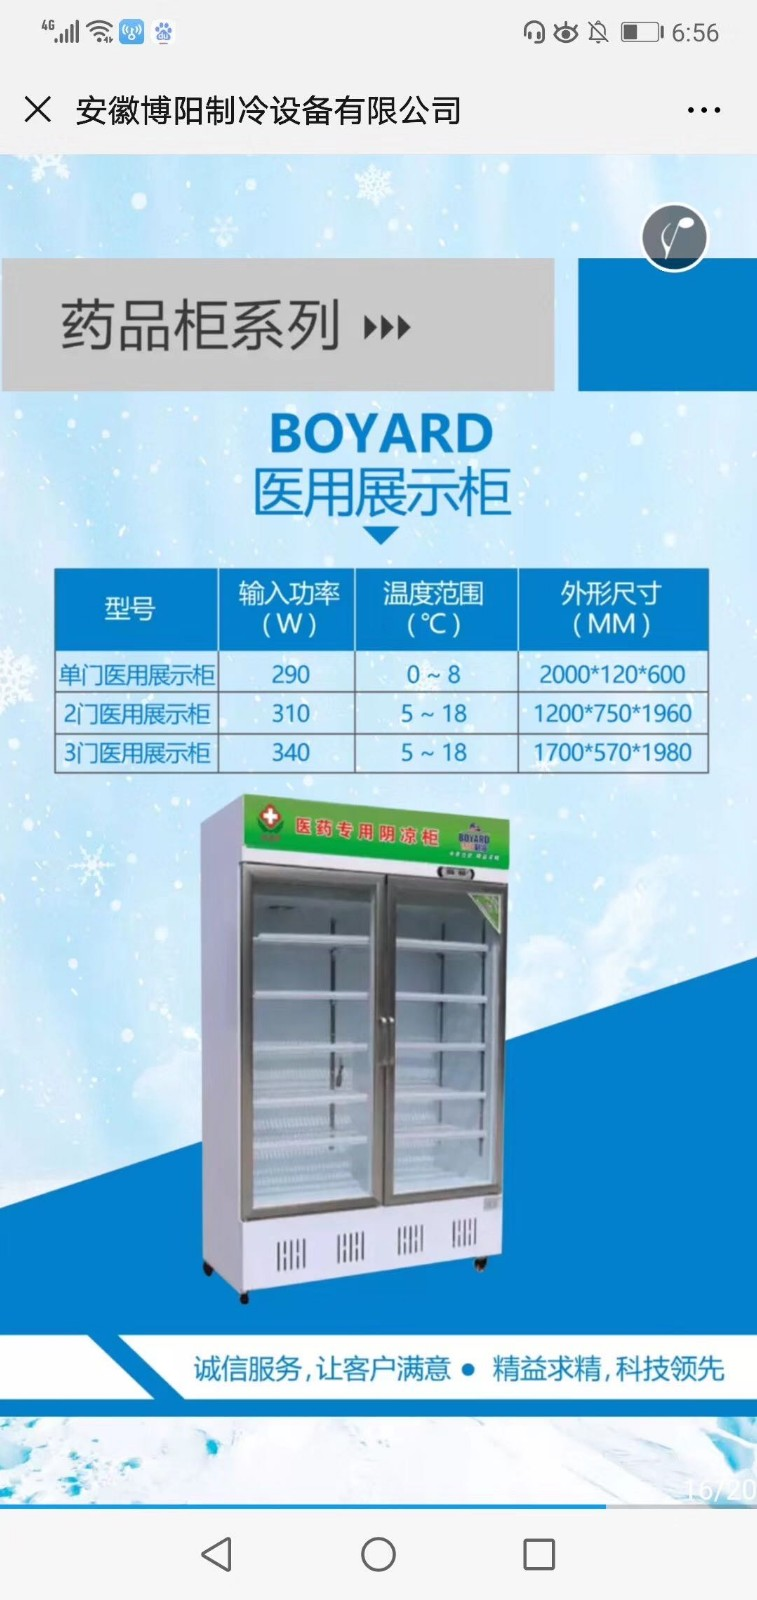 安徽博阳制冷设备有限公司 医用展示柜